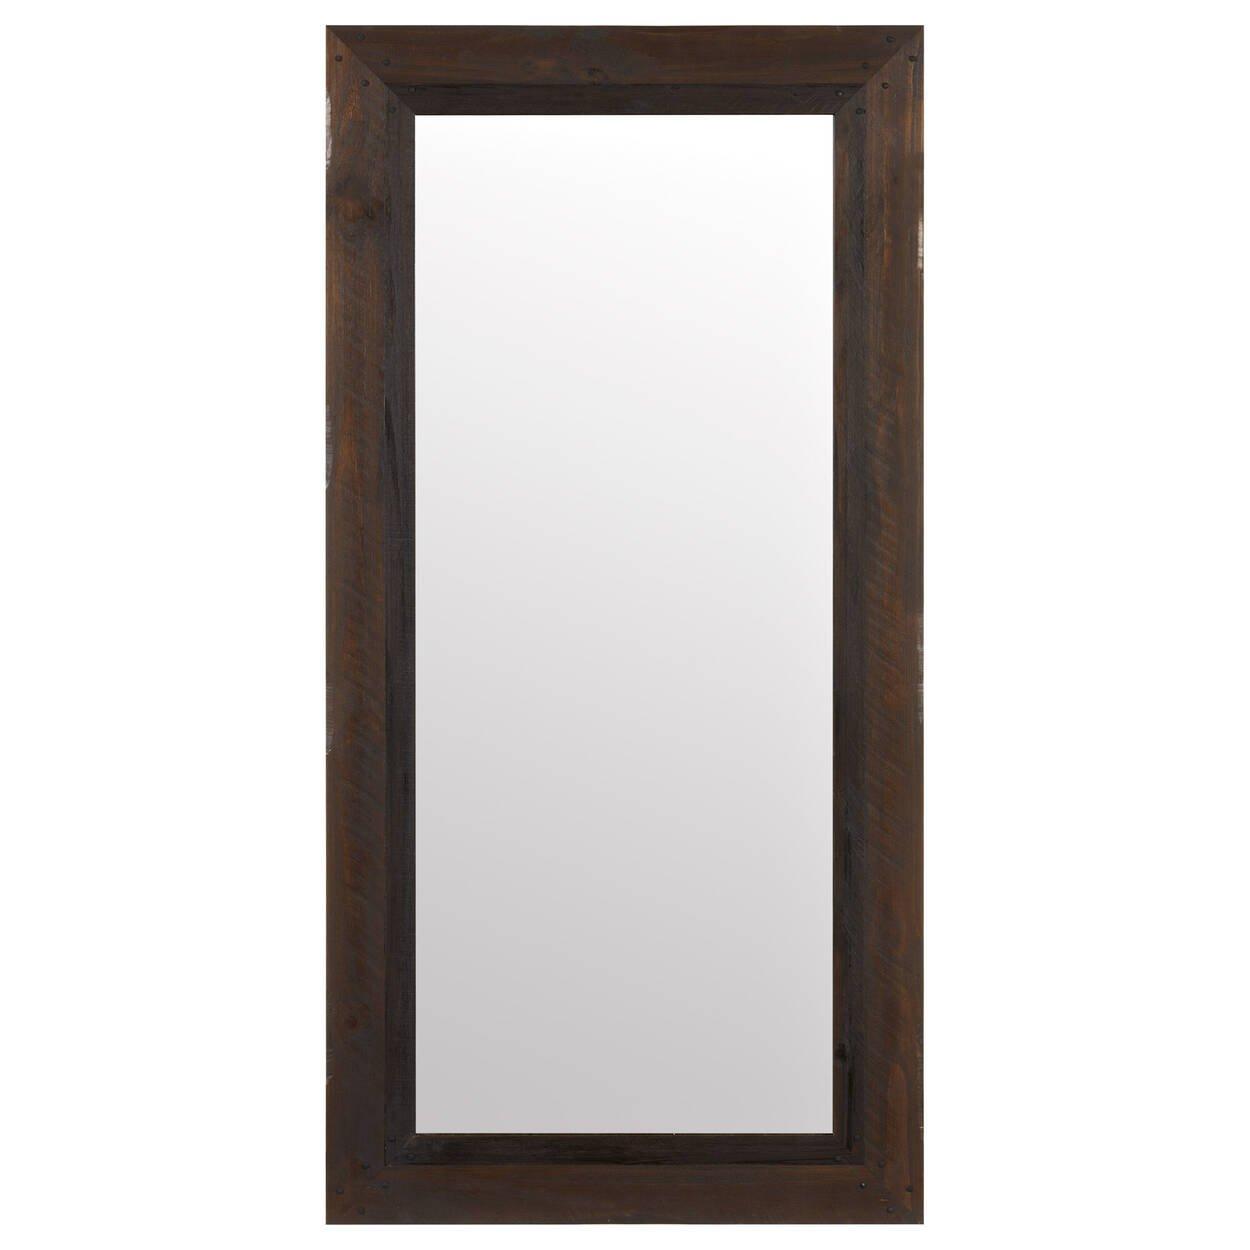 miroir avec cadre effet bois de grange. Black Bedroom Furniture Sets. Home Design Ideas